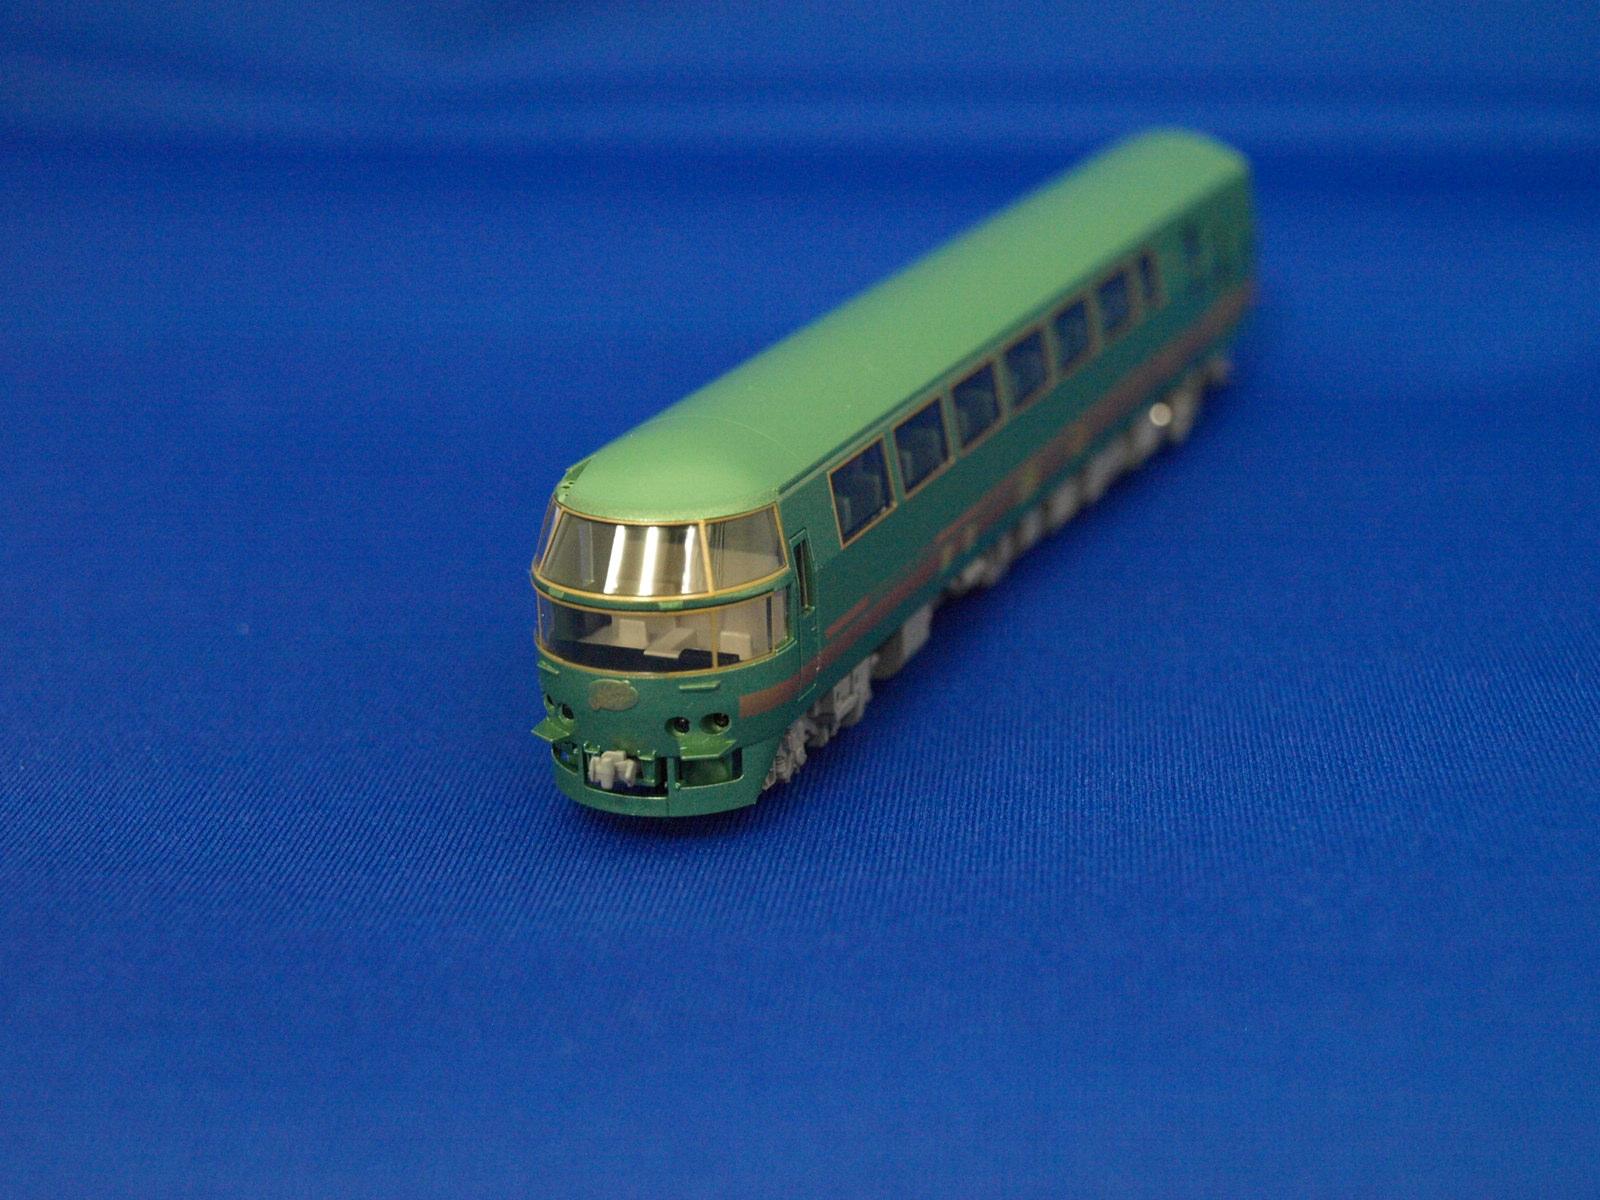 Nゲージ トミックス  92310 JRキハ71系特急ディーゼルカー(ゆふいんの森 I 世・更新後)4両セット